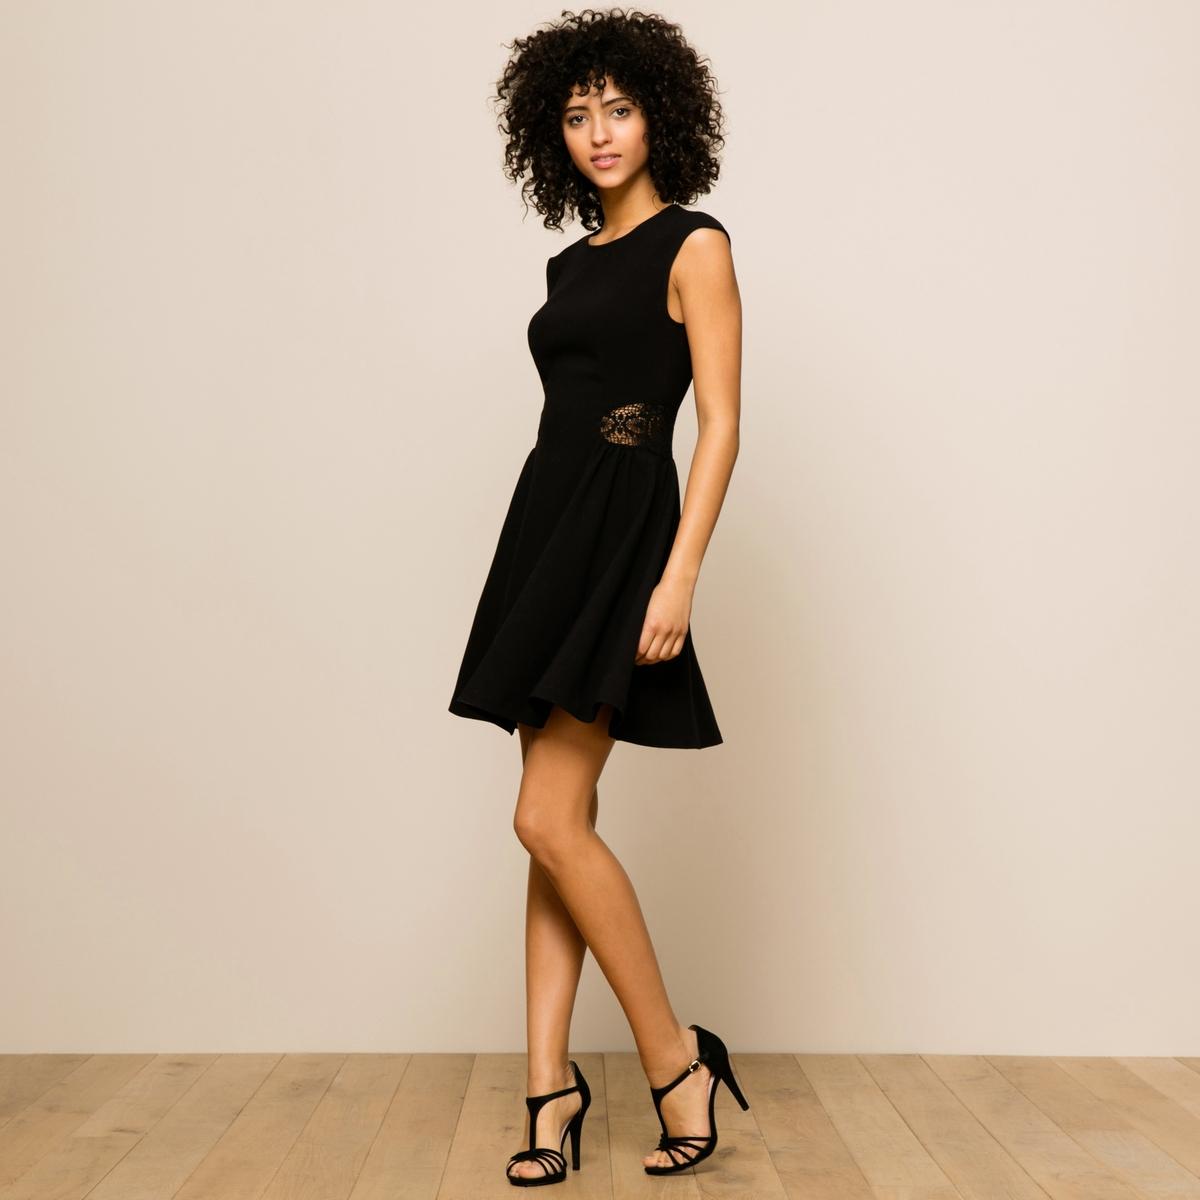 Платье MonikaПлатье Monica от BA&amp;SH. Короткие рукава. Расширяющийся к низу покрой, закругленный вырез. Вставка из кружева по бокам с небольшими складками. Состав и описание :Материал : 95% полиэстера, 5% эластана    Марка : BA&amp;SH<br><br>Цвет: черный